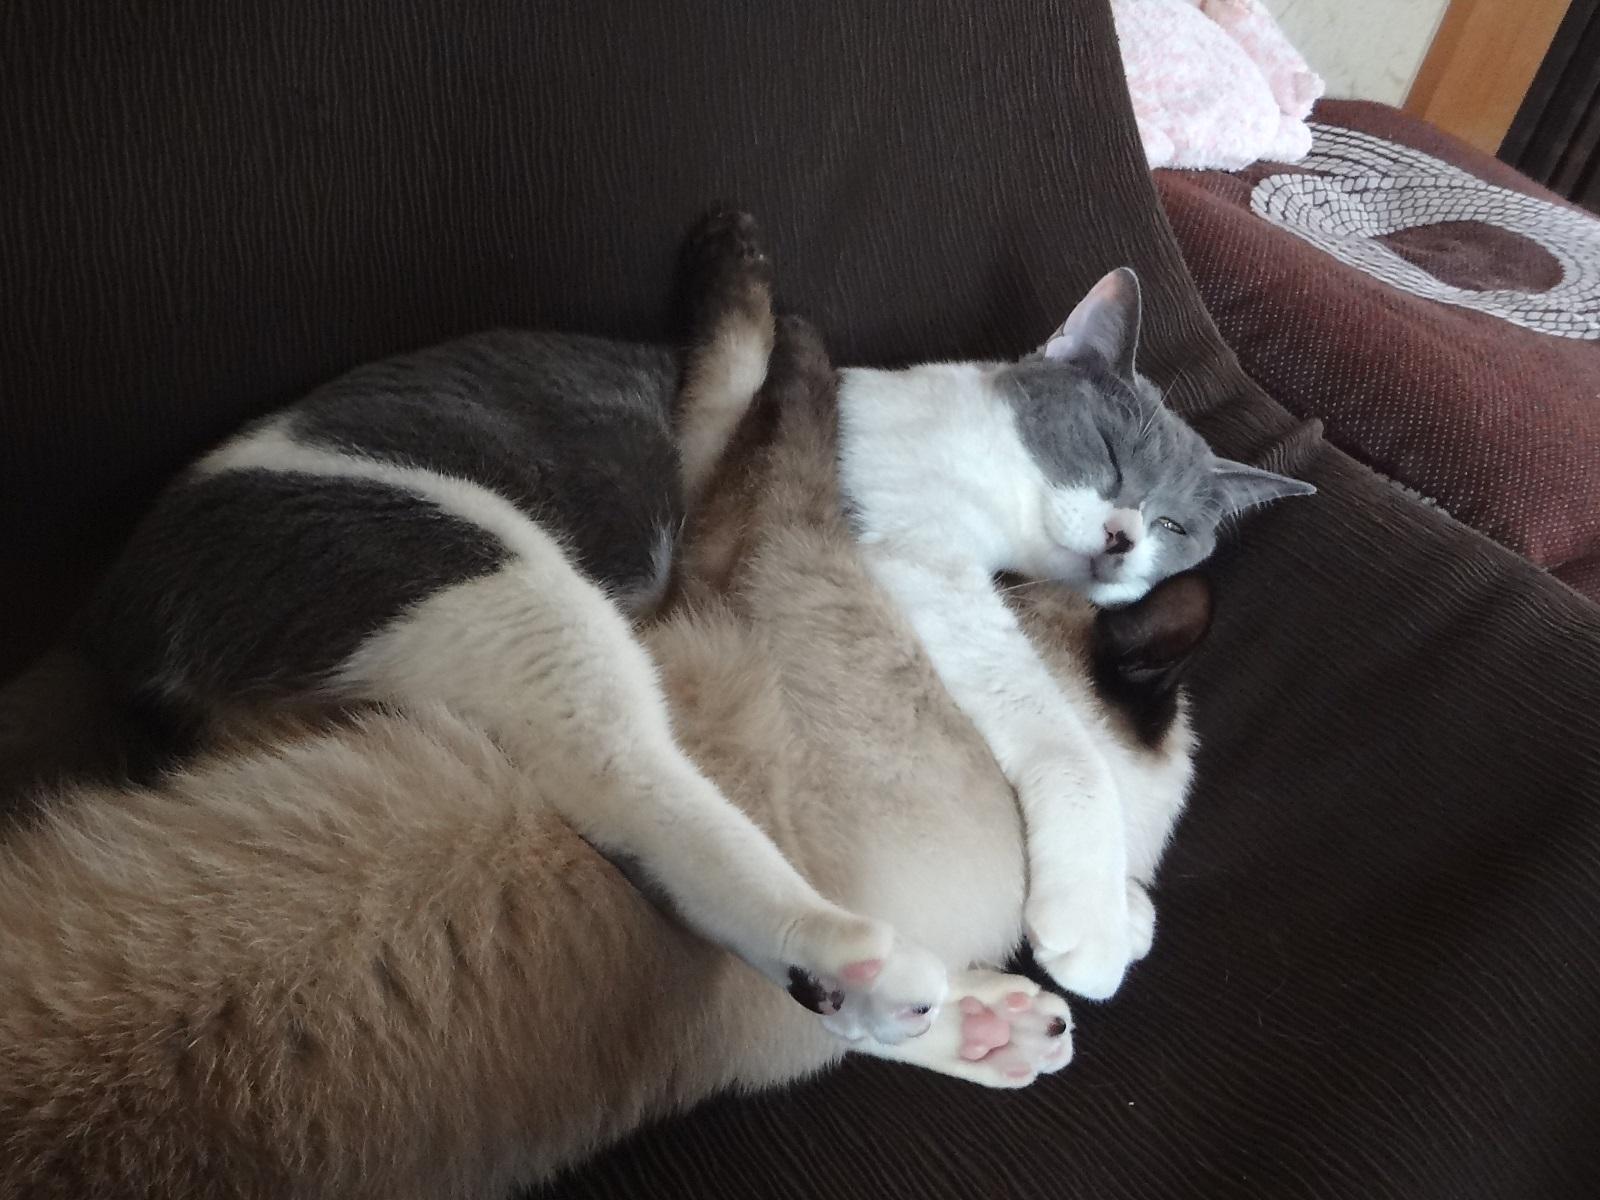 抱きついて寝ている猫の写真